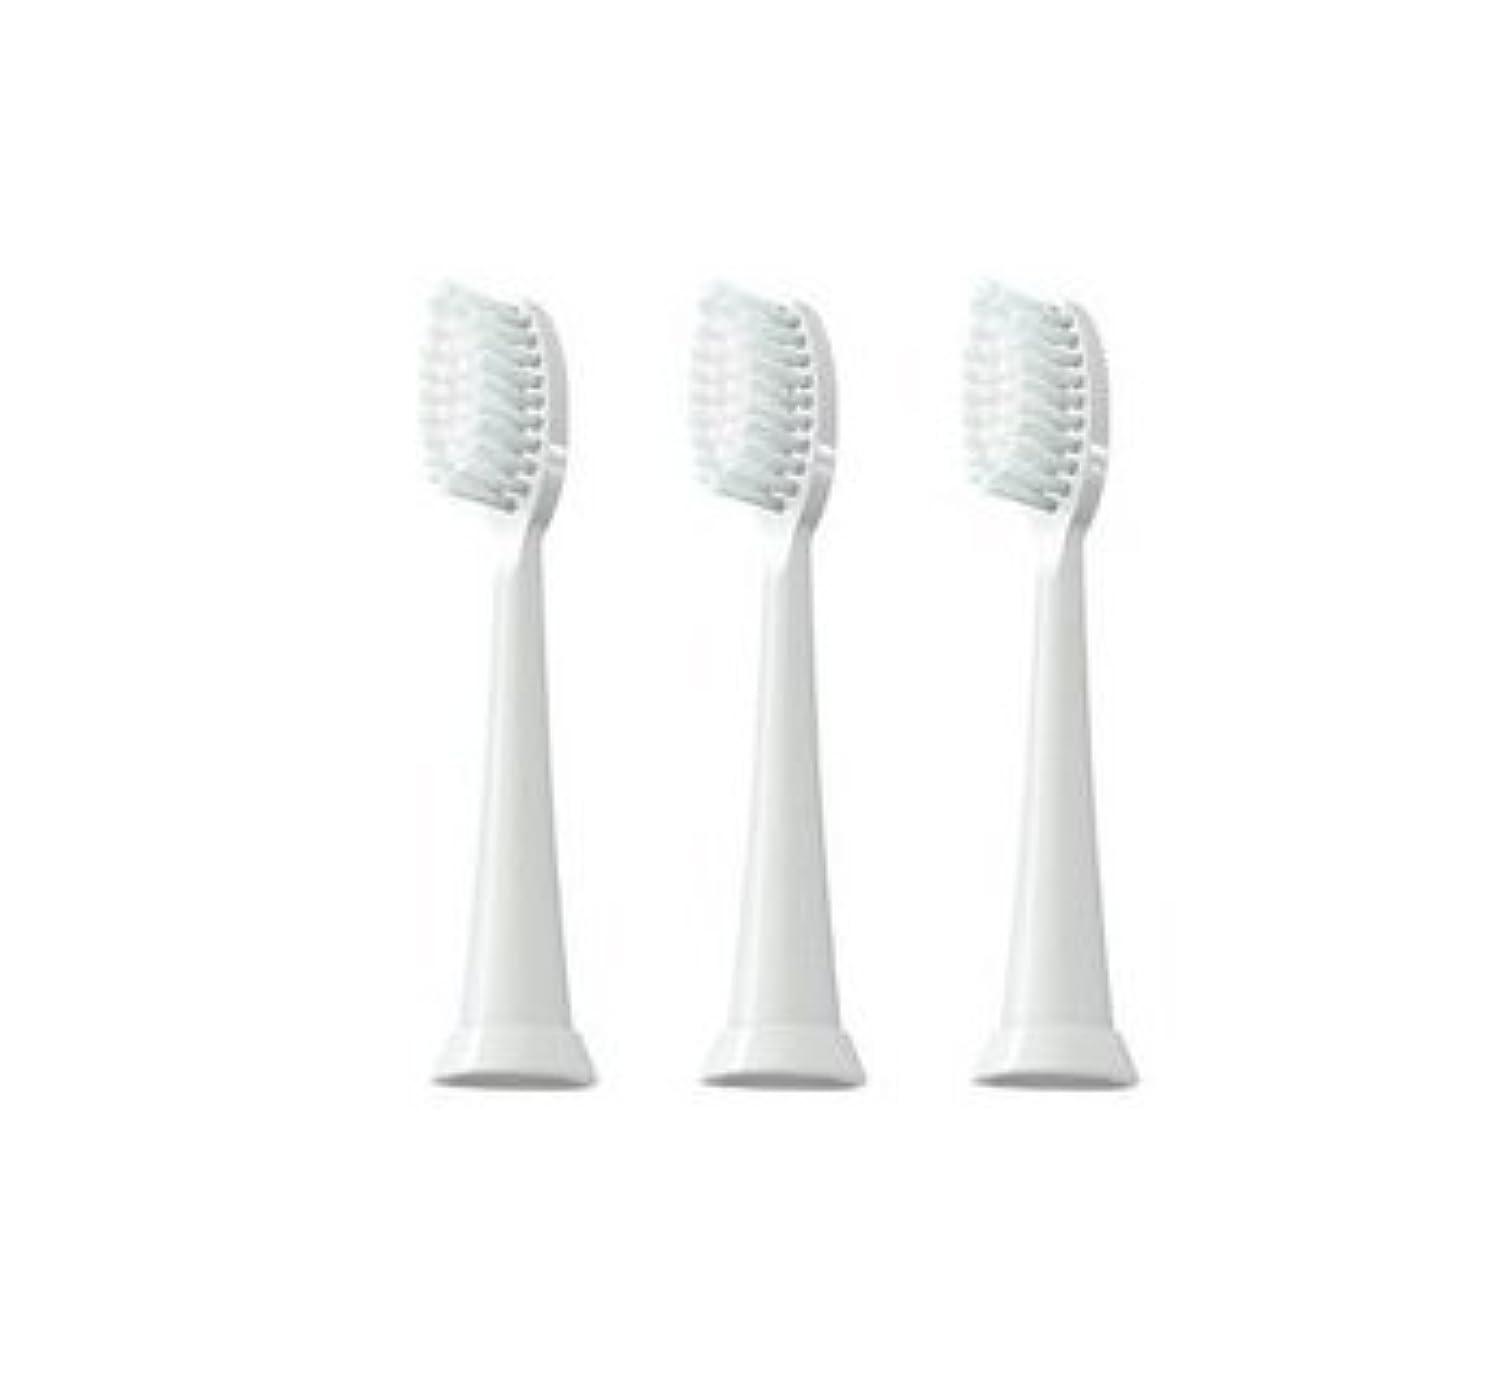 原告影のあるペナルティTAO Clean 電動歯ブラシ用【替えブラシ 3本セット】(ホワイト)通常はメール便にて発送します。